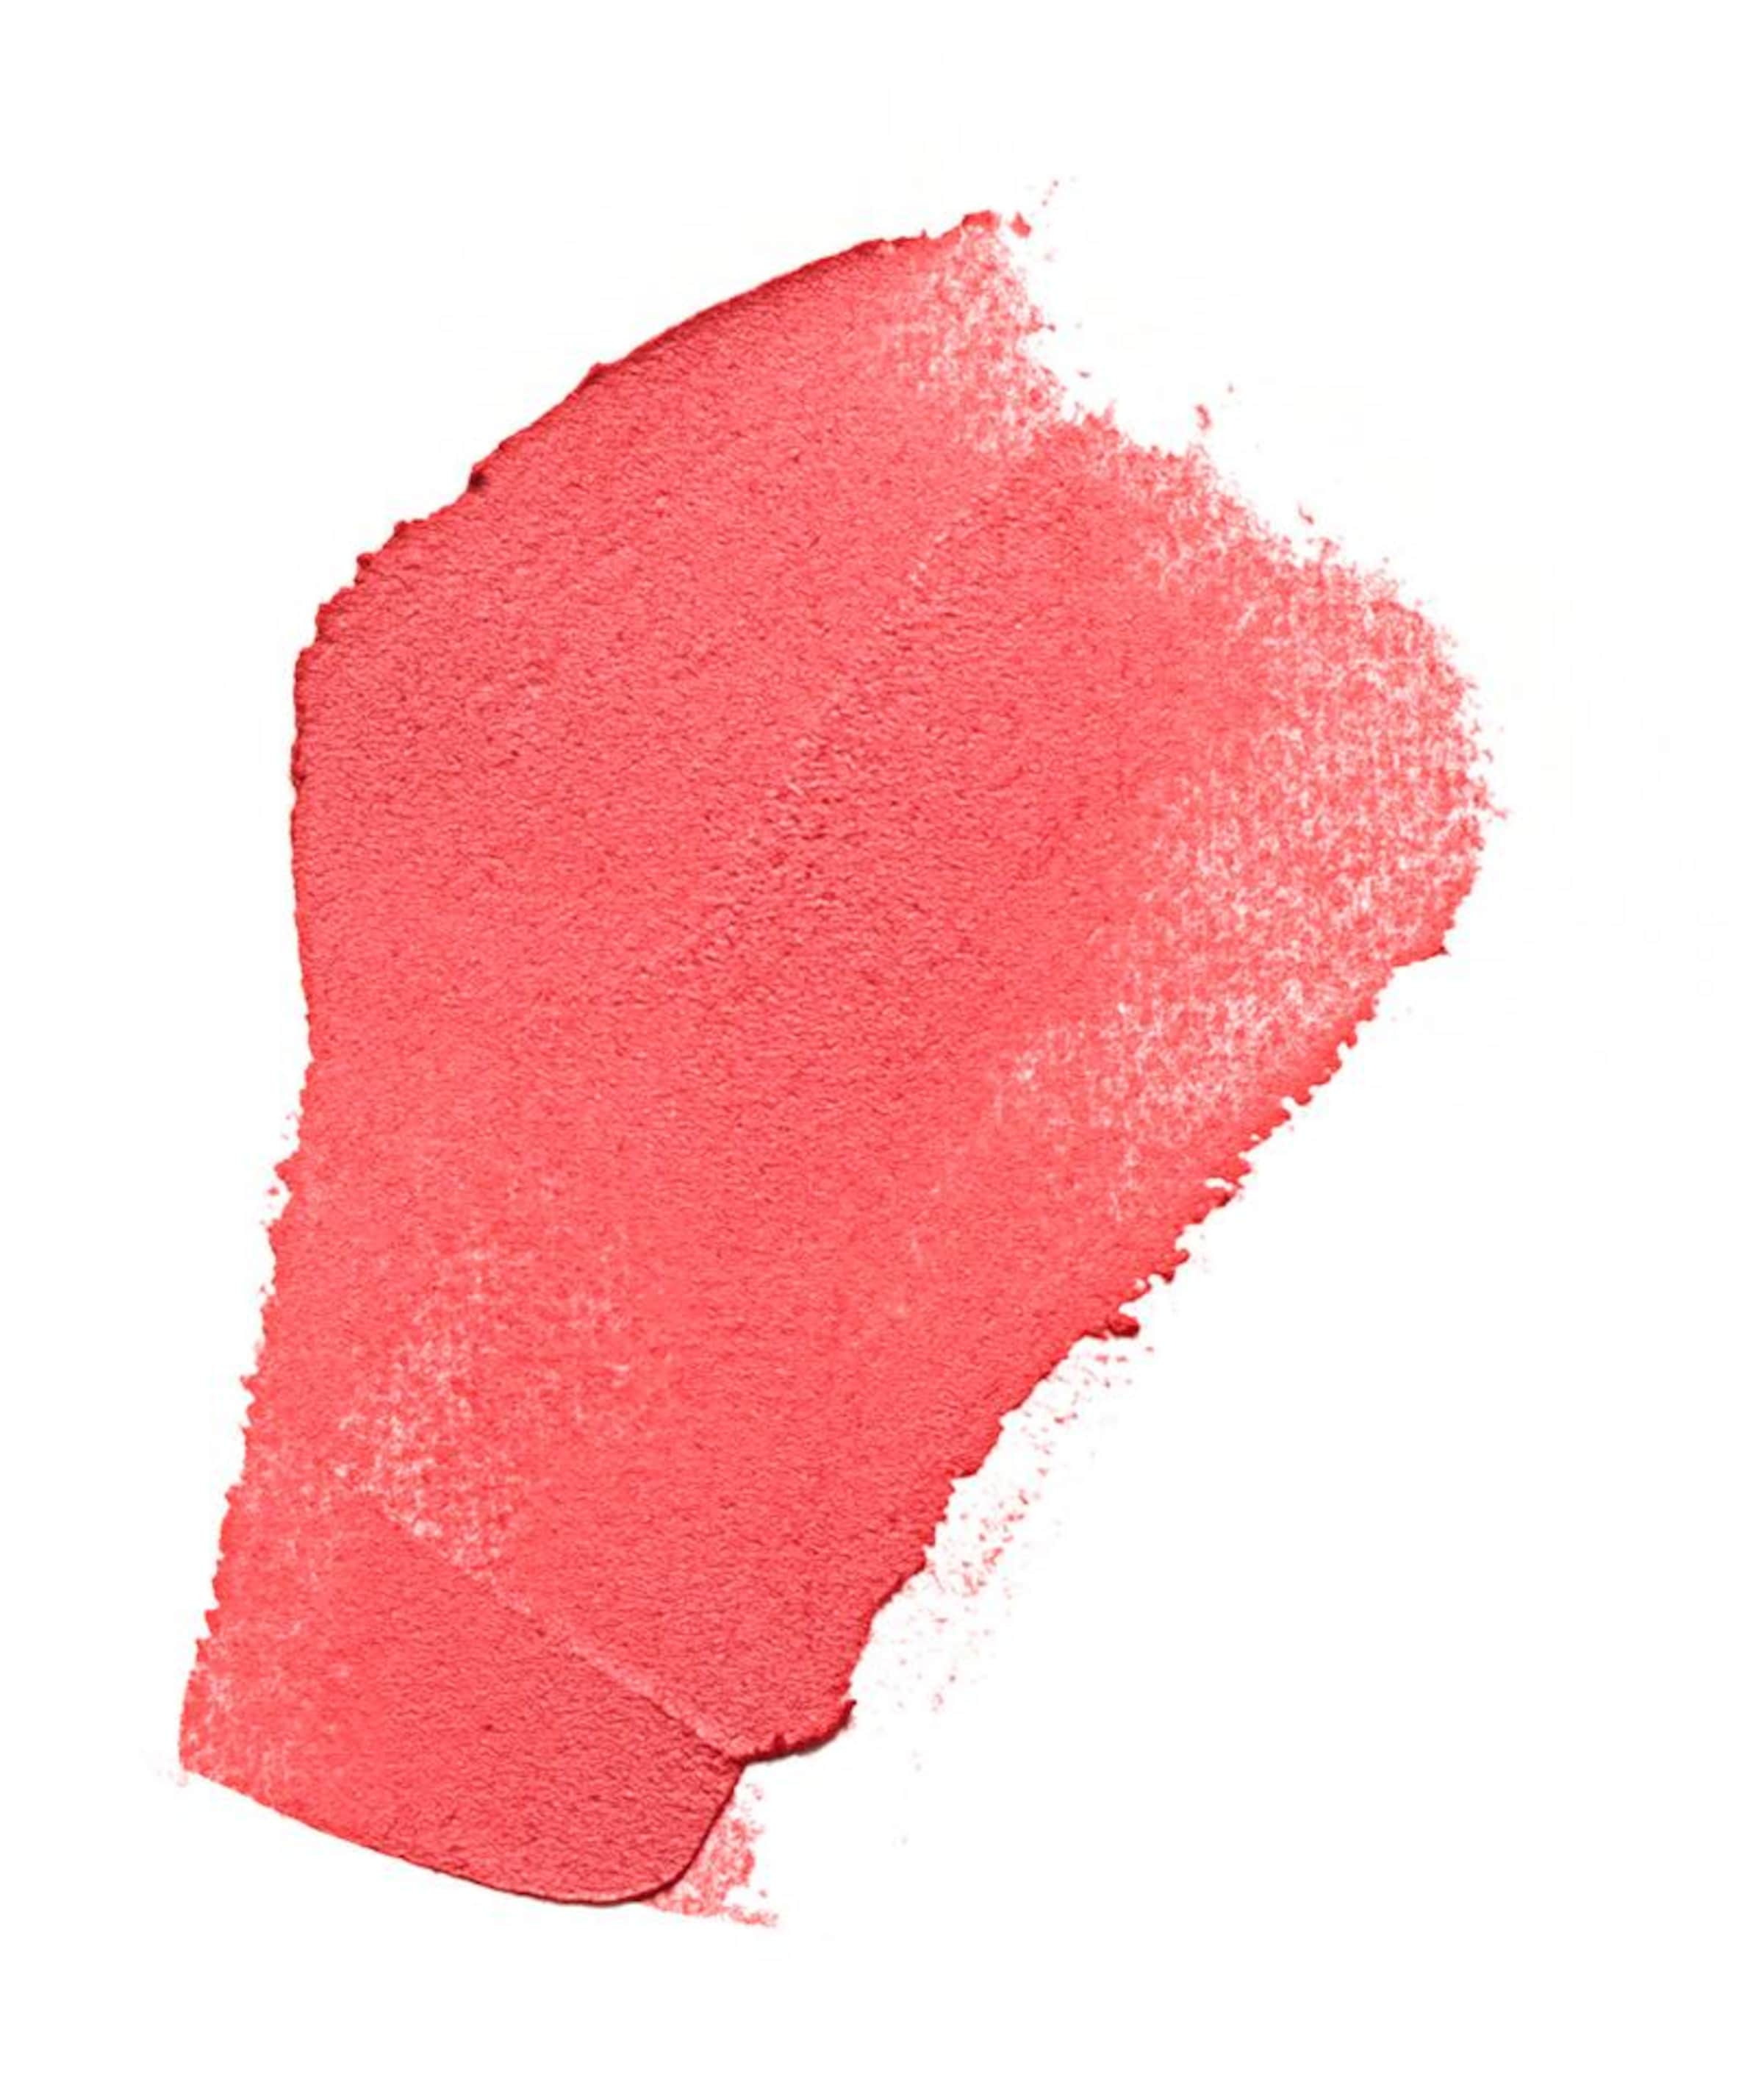 Lippenstift Riche Paris Addiction'In Rot L'oréal 'color Matte UVpSzM